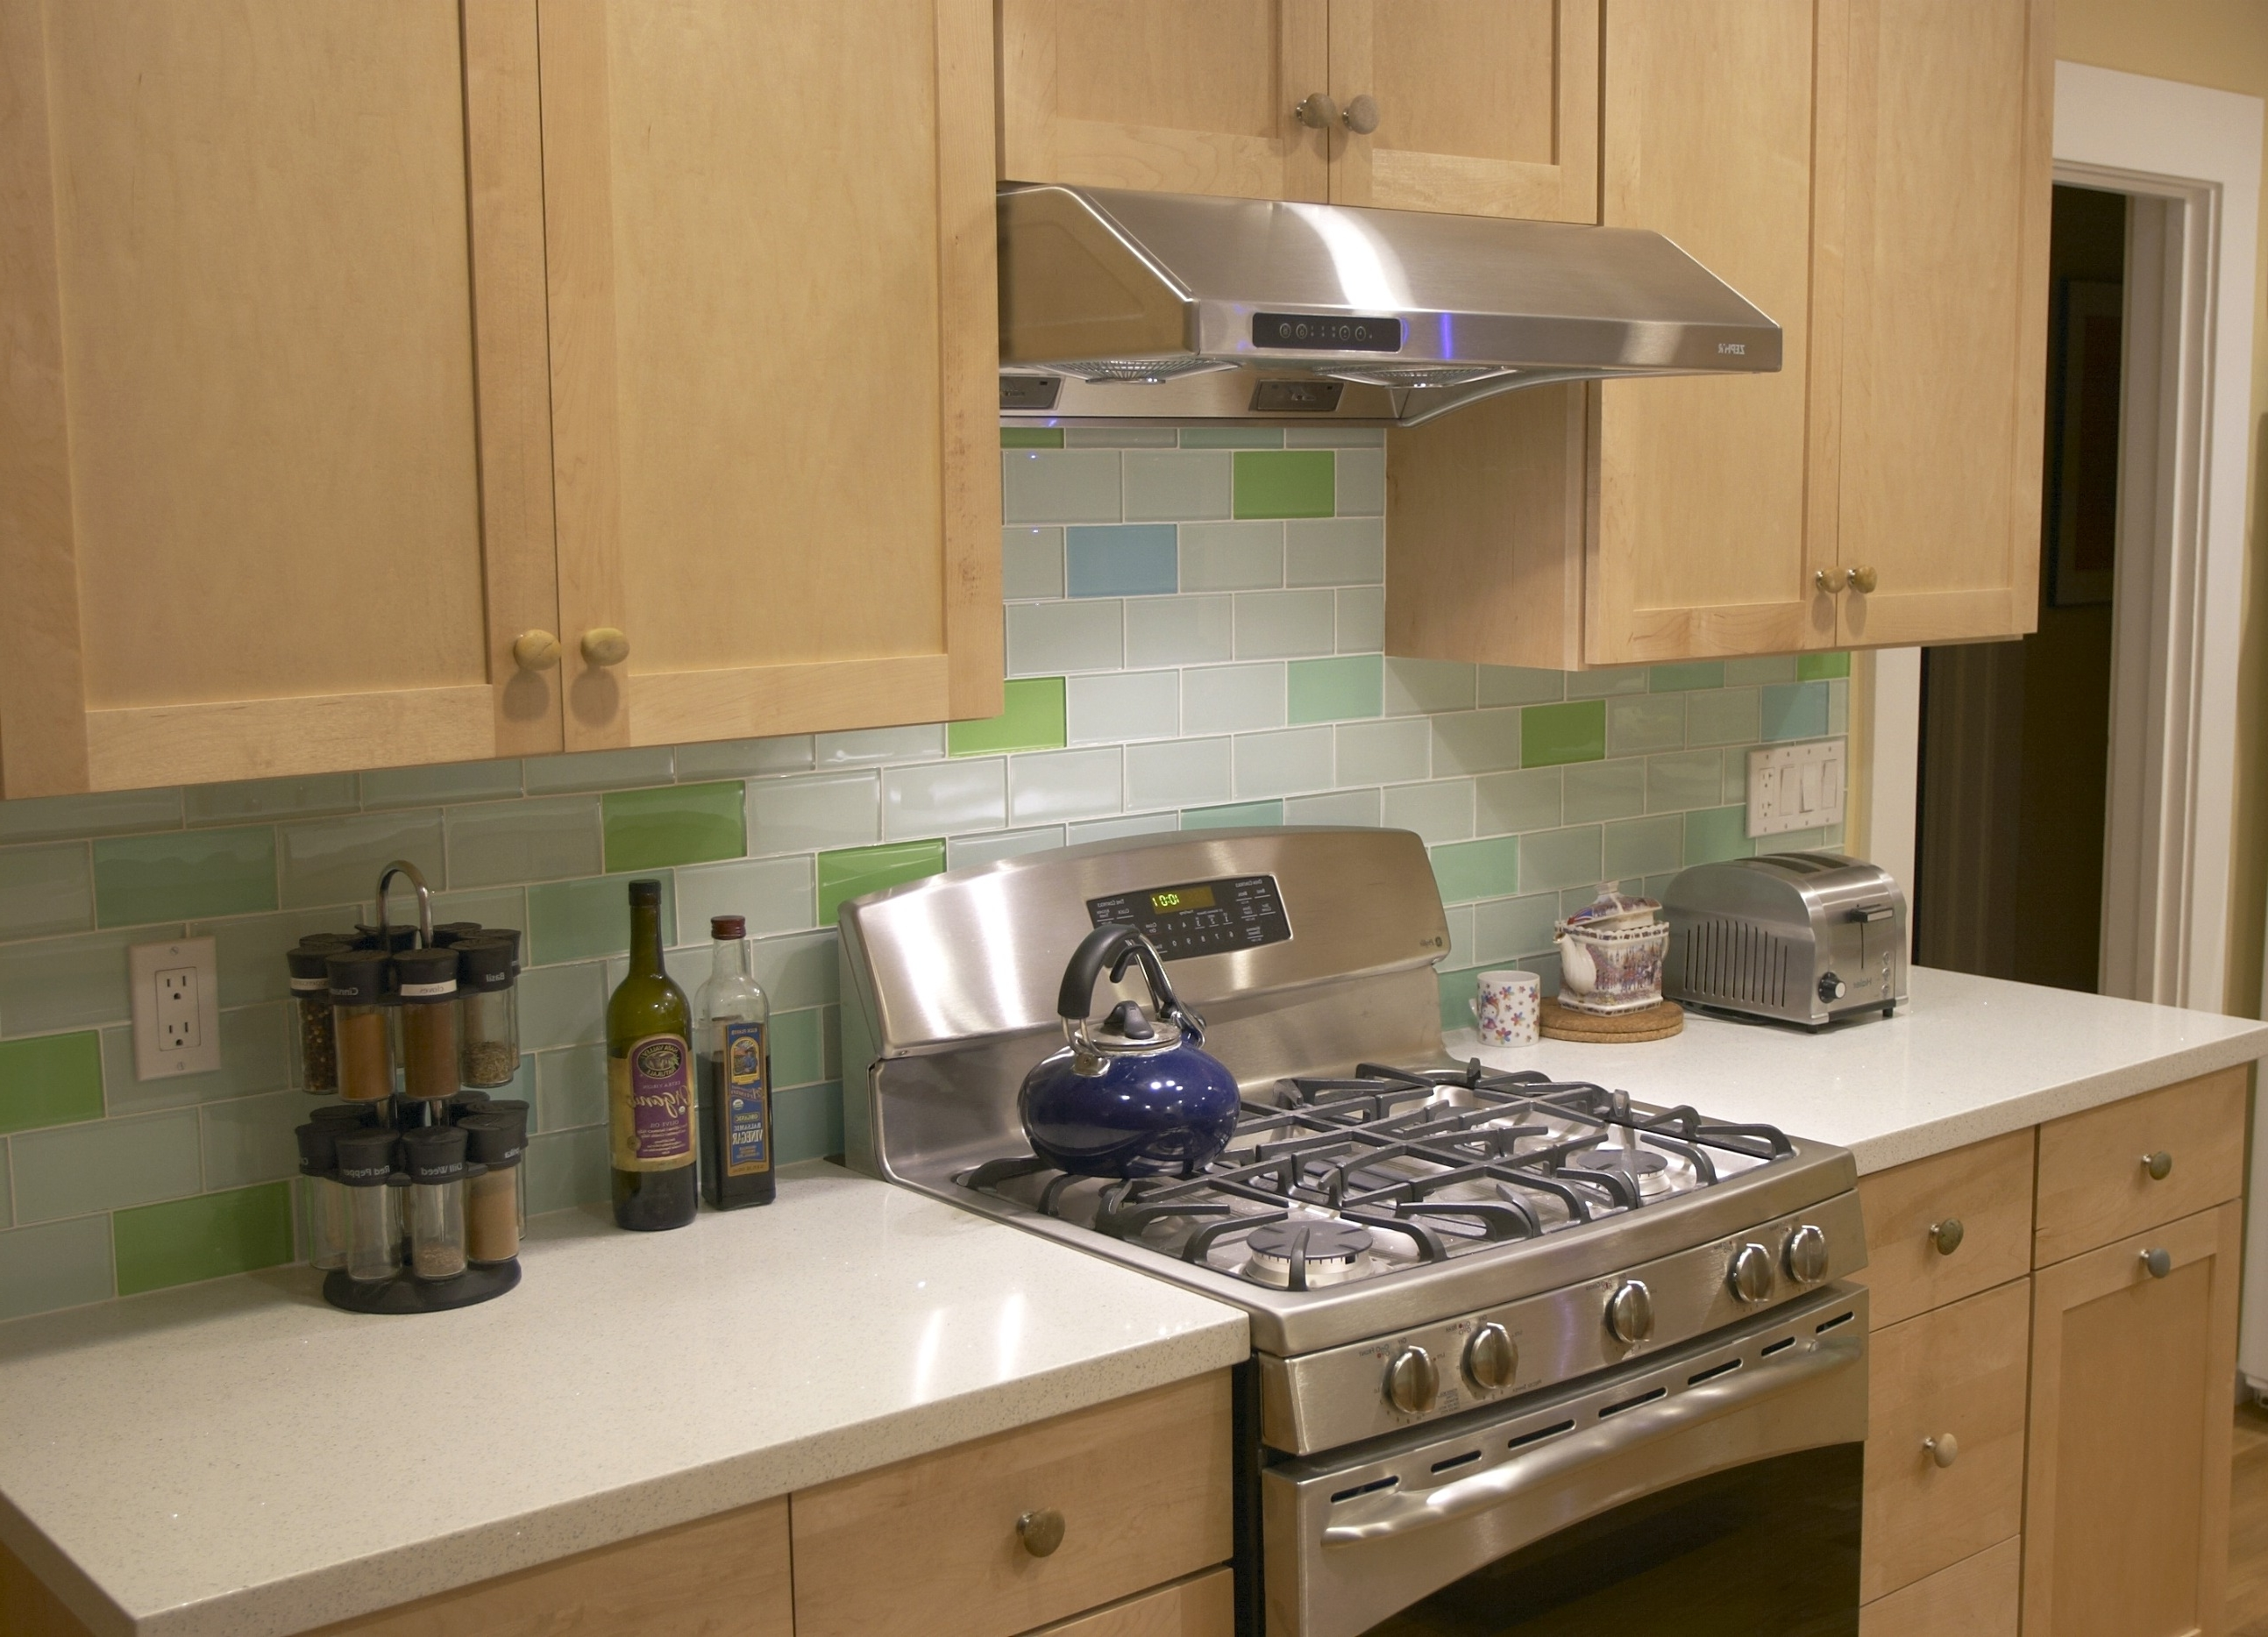 kitchen-backsplash-tiles-kitchens-ceramic-subway-tile-for-kitchen-decorations-ornament-ideas-colors-daltile-designs-best-design-idea-cloud-kitchen-you-need-to-subway-tile-for-kitchen